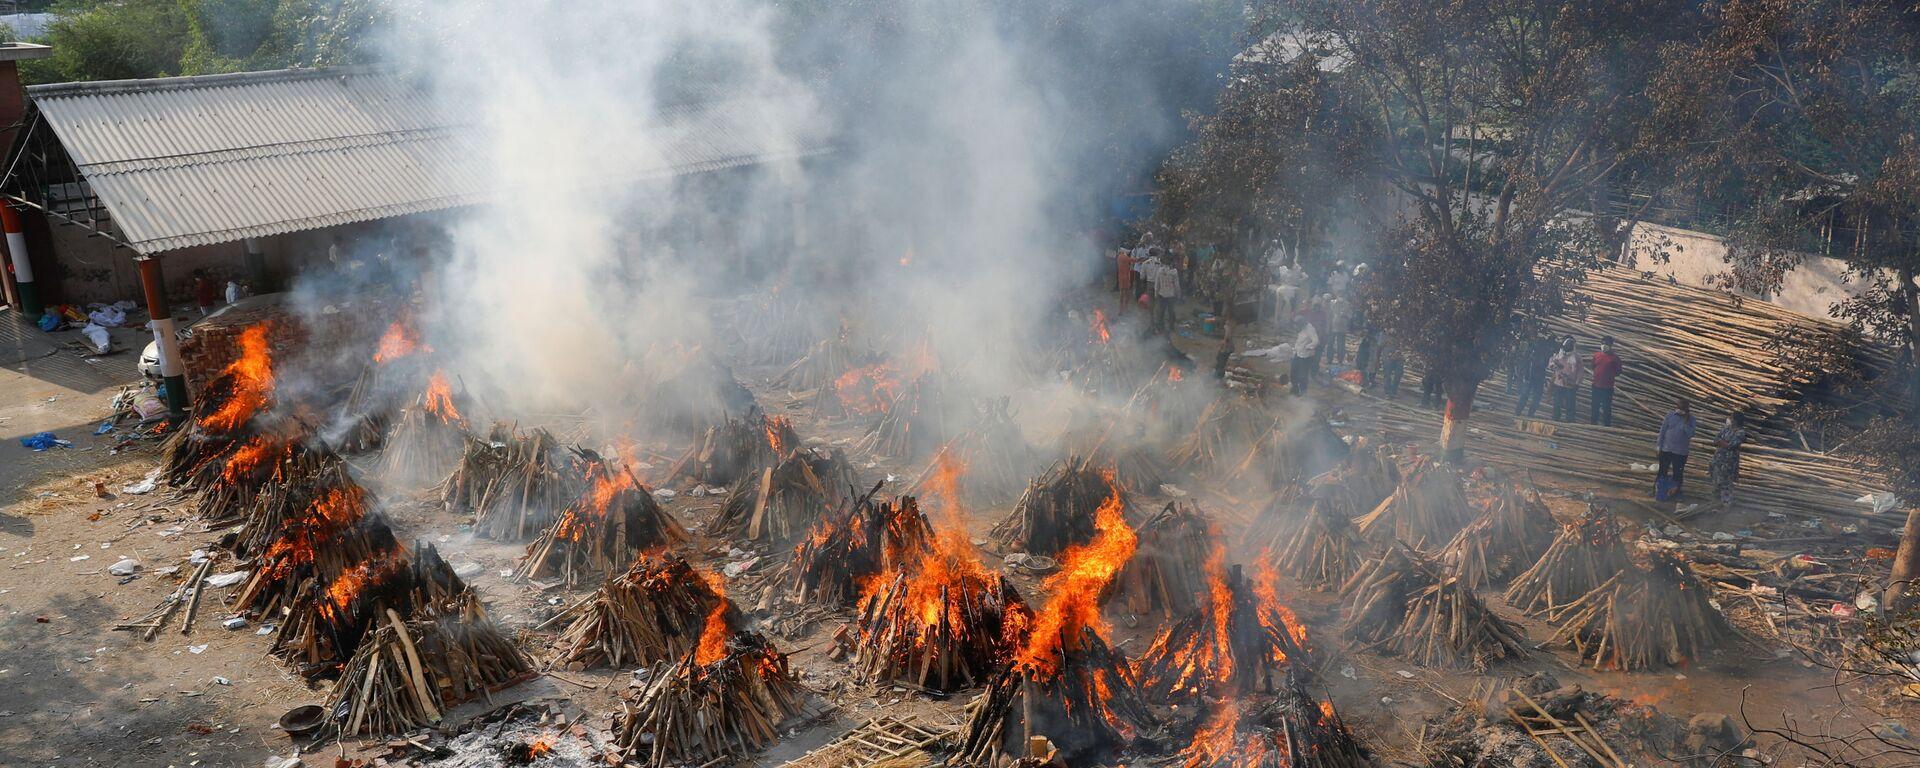 Вид сверху на горящие погребальные костры во время массовой кремации в крематории в Нью-Дели, Индия - Sputnik Italia, 1920, 27.04.2021